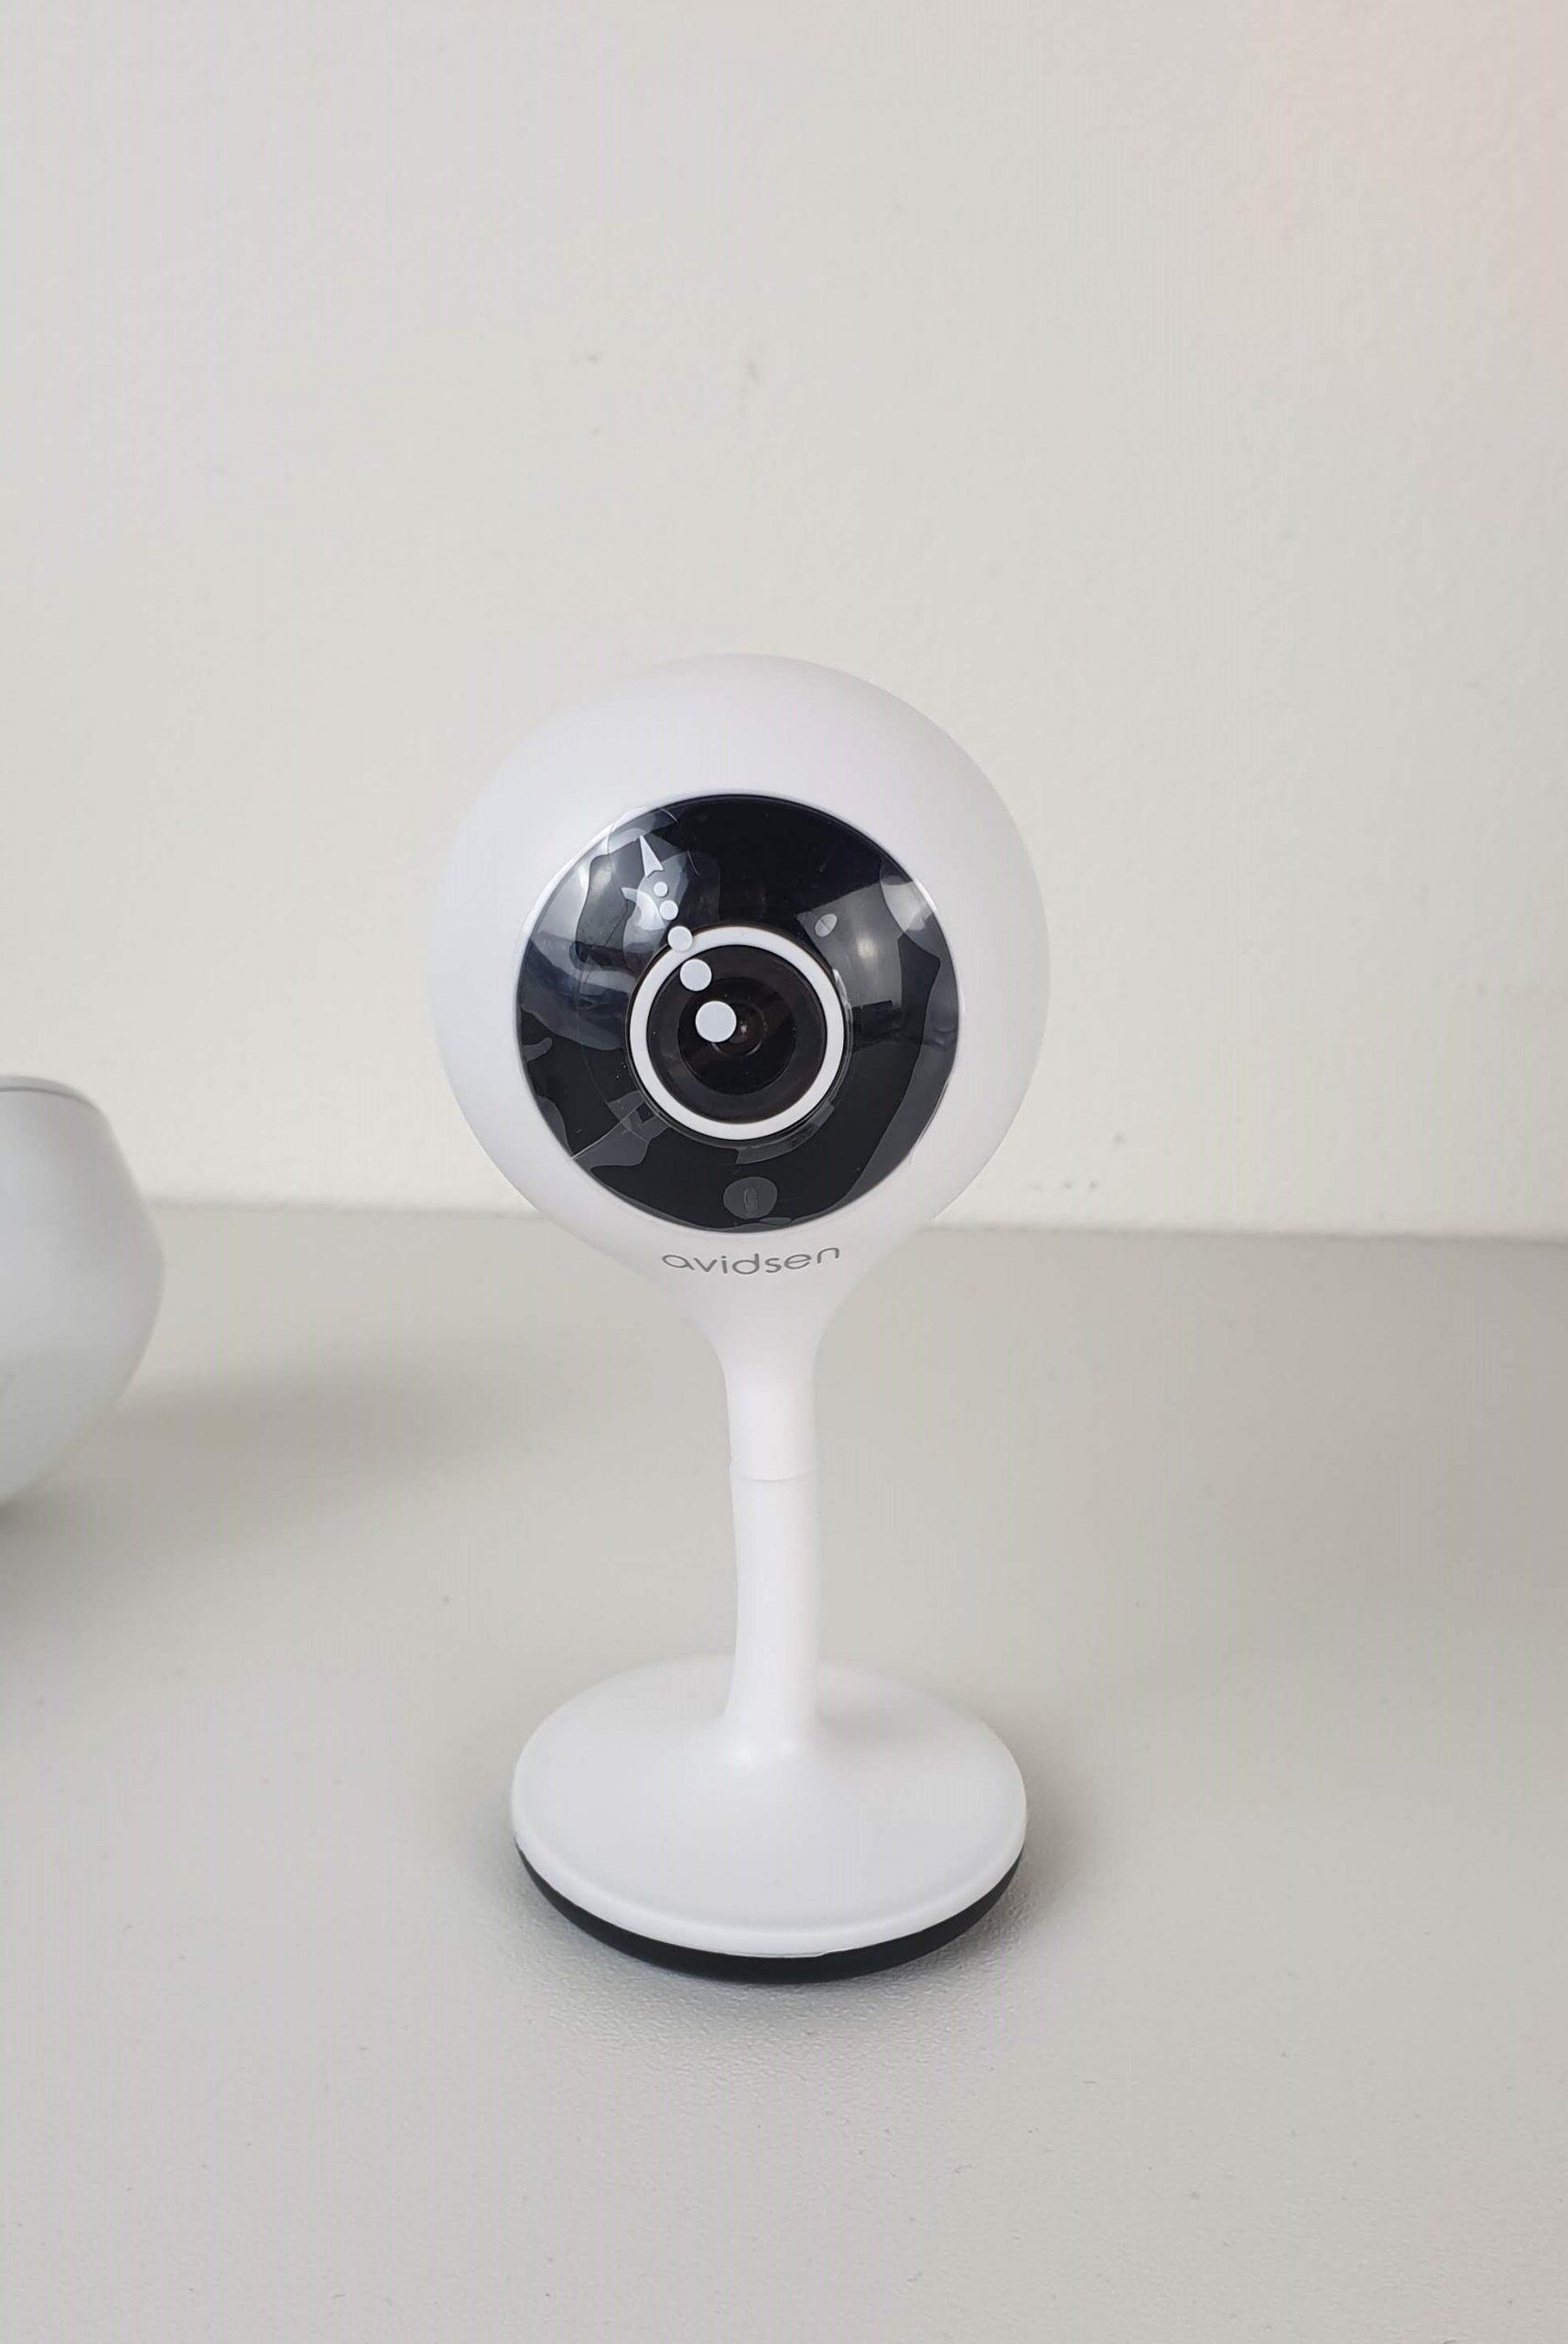 Kit Alexa Avidsen - telecamera wifi